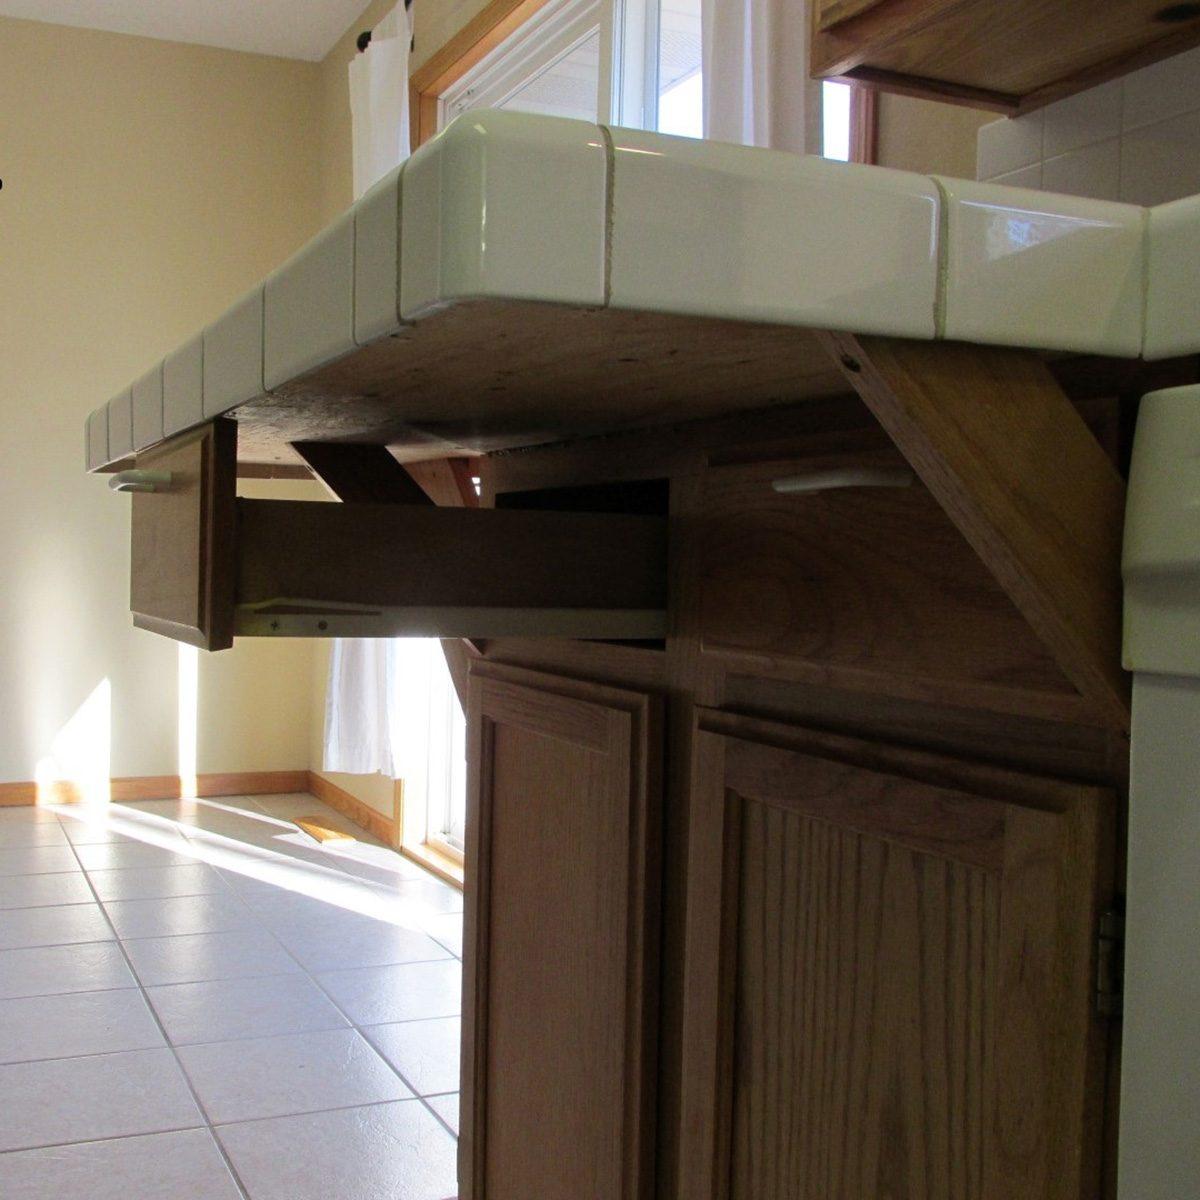 Drawers below countertop